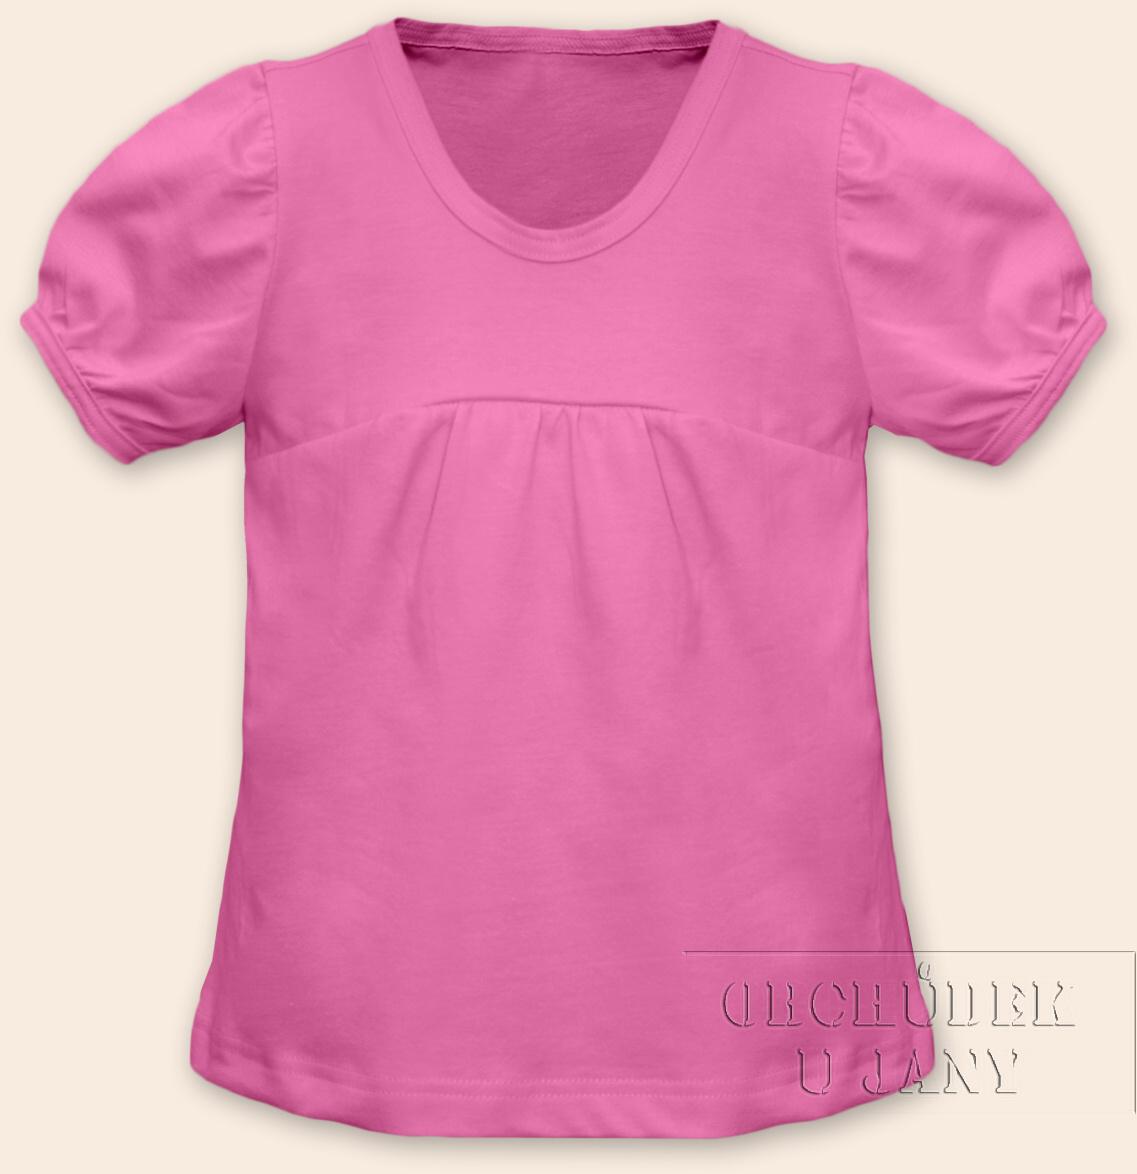 Dívčí tričko jednobarevné růžové